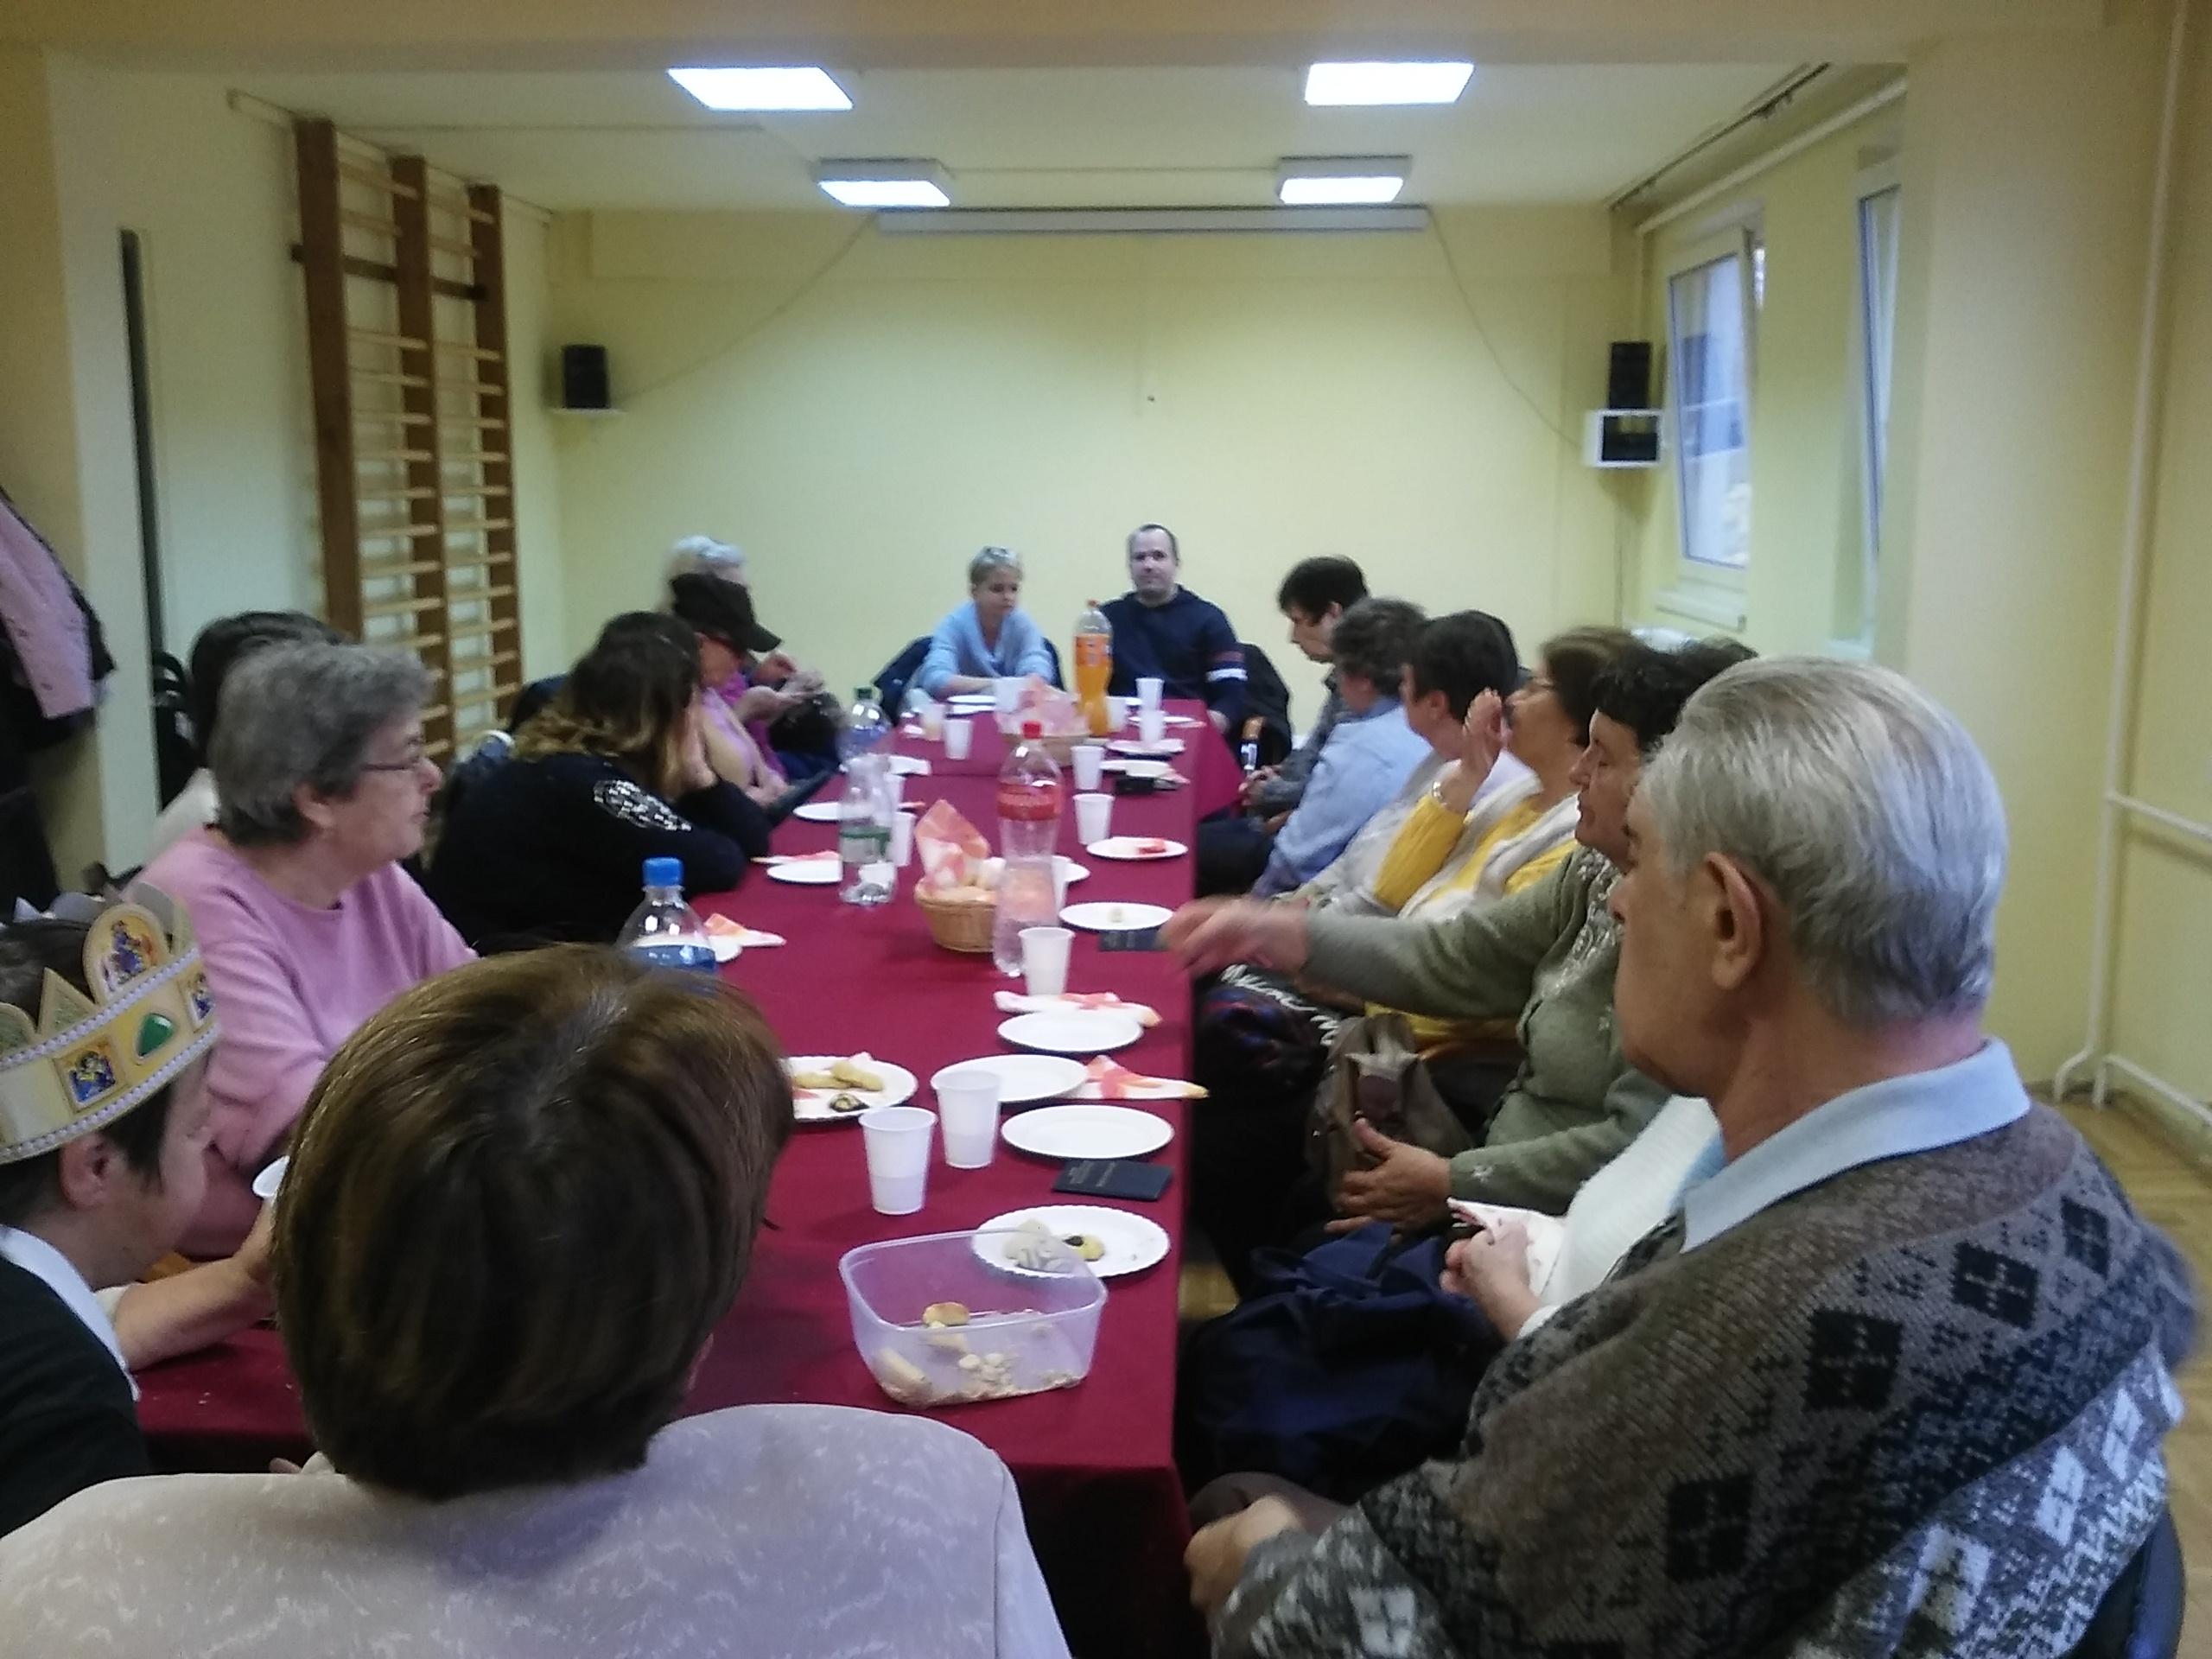 A képen a klubtagok és az ügyfélszolgálat munkatársai, Rádi Anna és Benke Richárd láthatók.